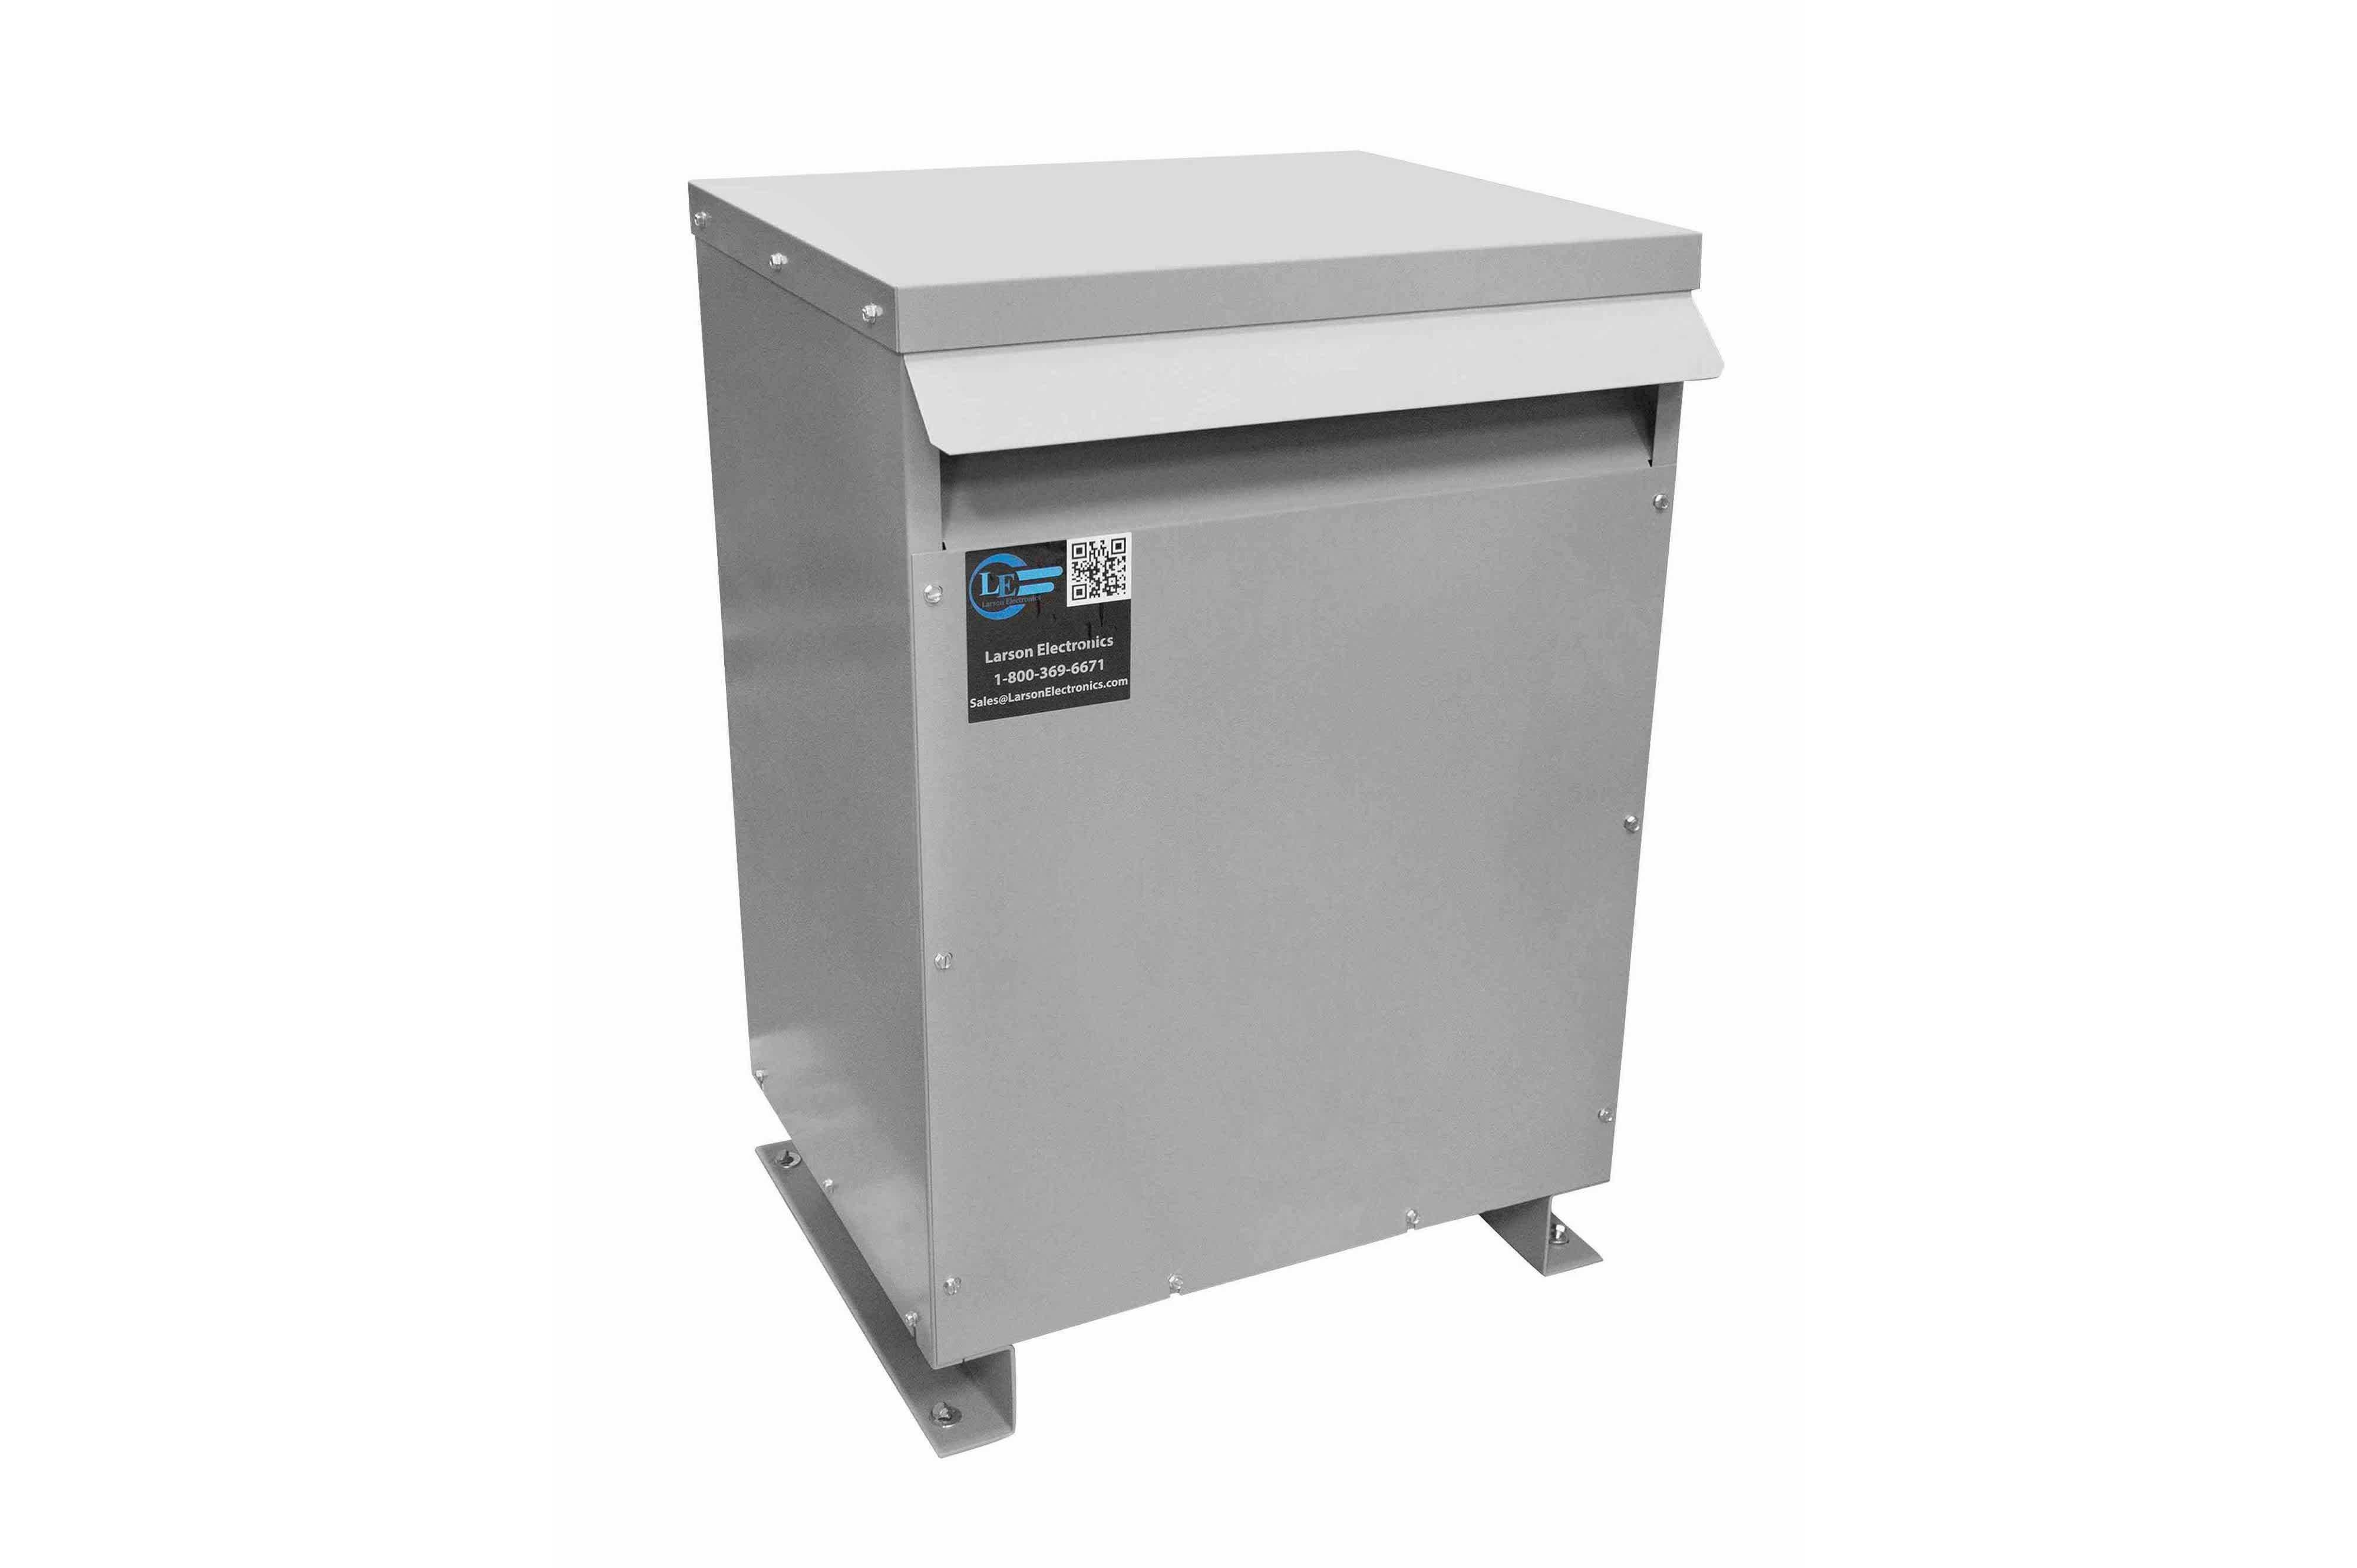 600 kVA 3PH Isolation Transformer, 460V Delta Primary, 400V Delta Secondary, N3R, Ventilated, 60 Hz